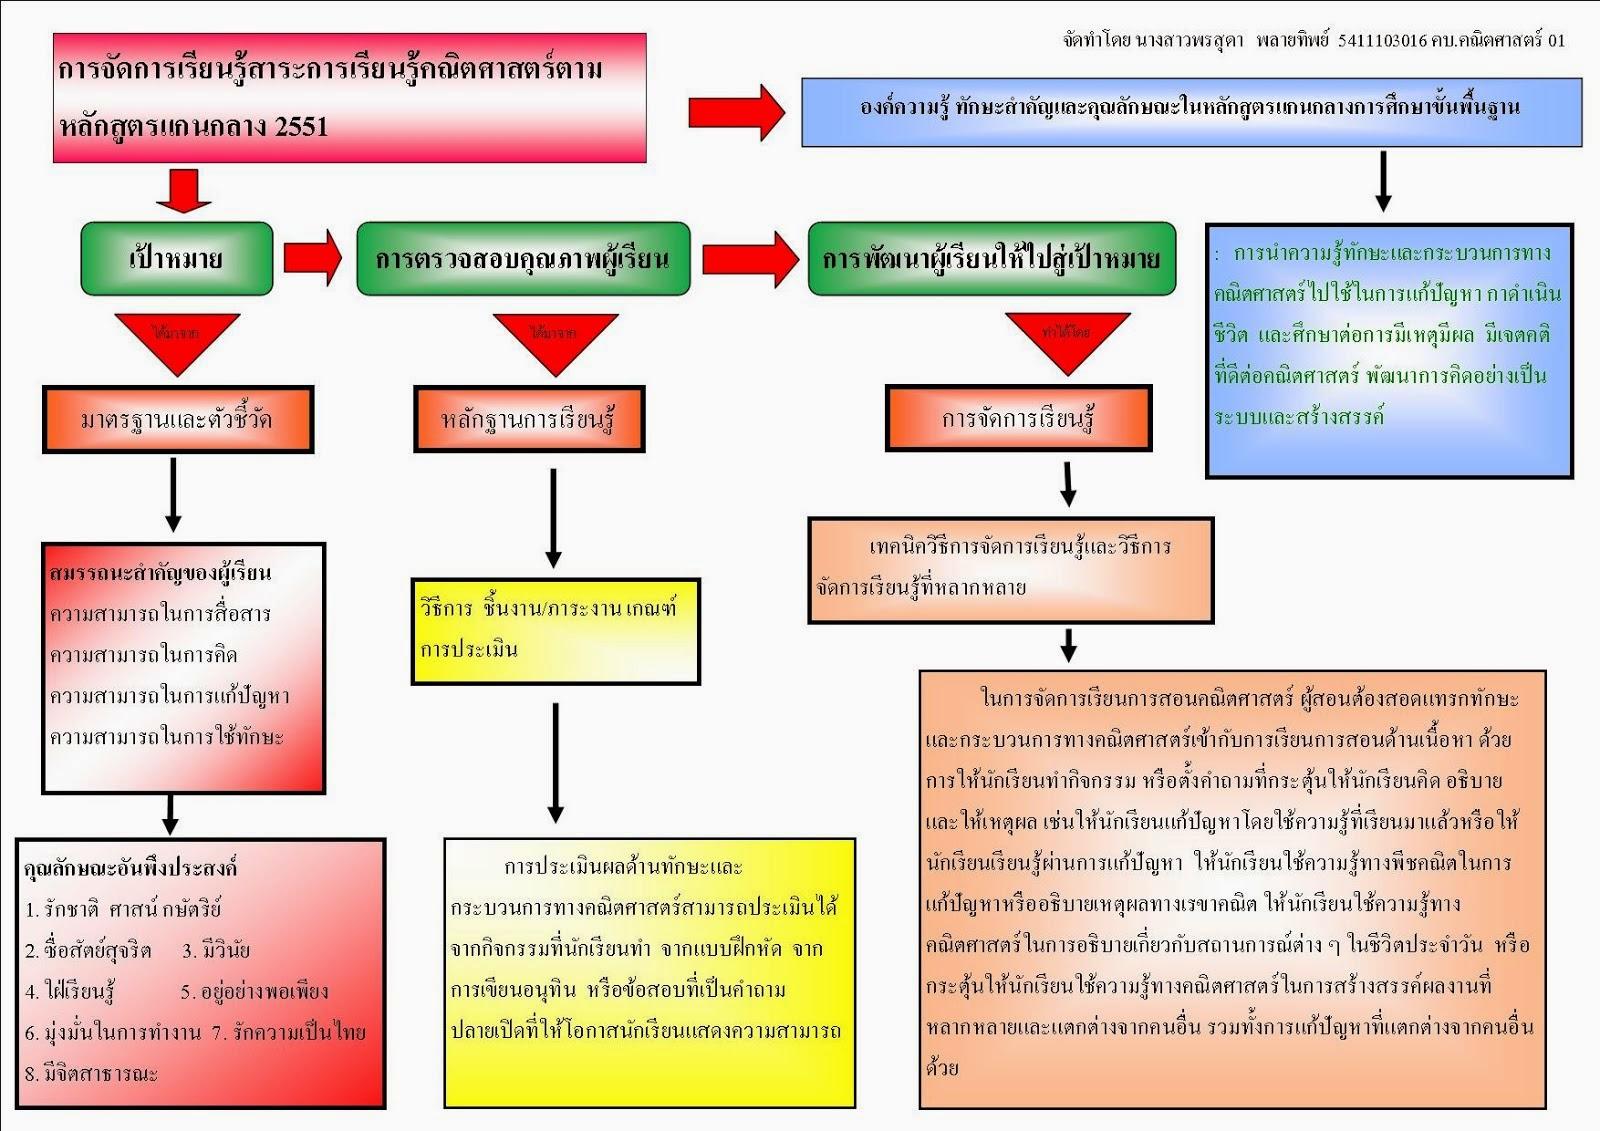 การจัดการเรียนรู้สาระการเรียนรู้คณิตศาสตร์ตามหลักสูตรแกนกลาง 2551